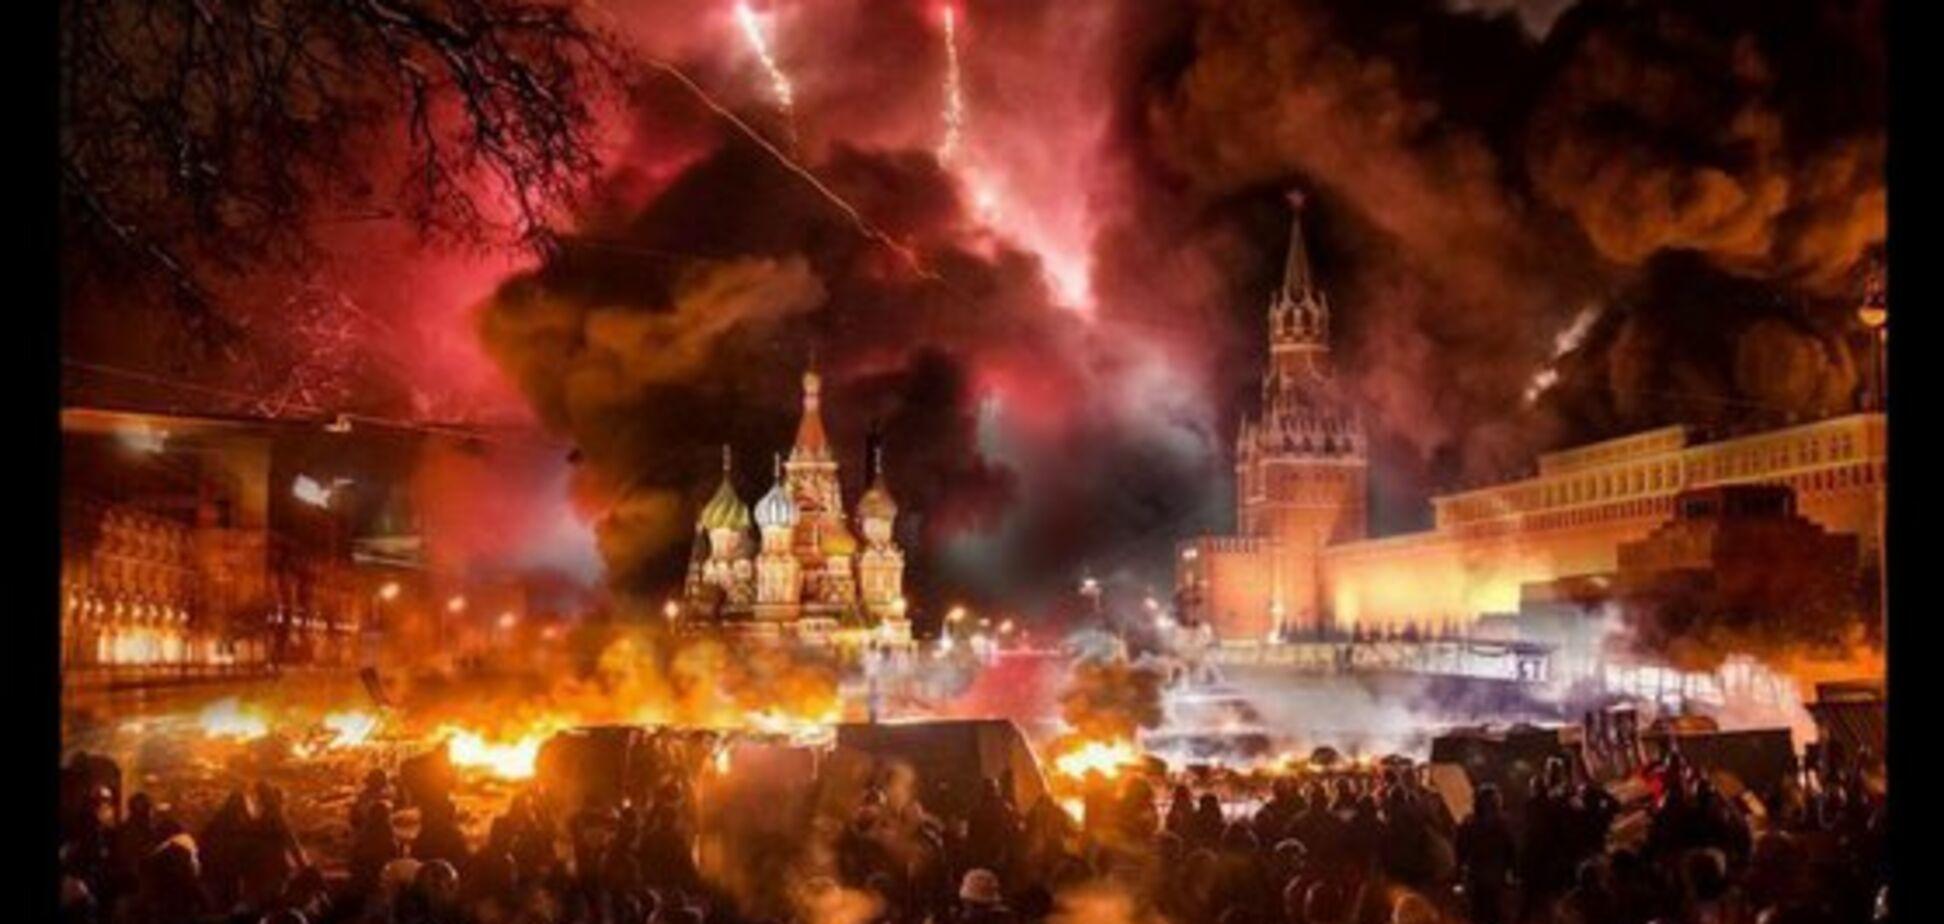 Режим обречен сгнить, но доживут ли до этой победы россияне?